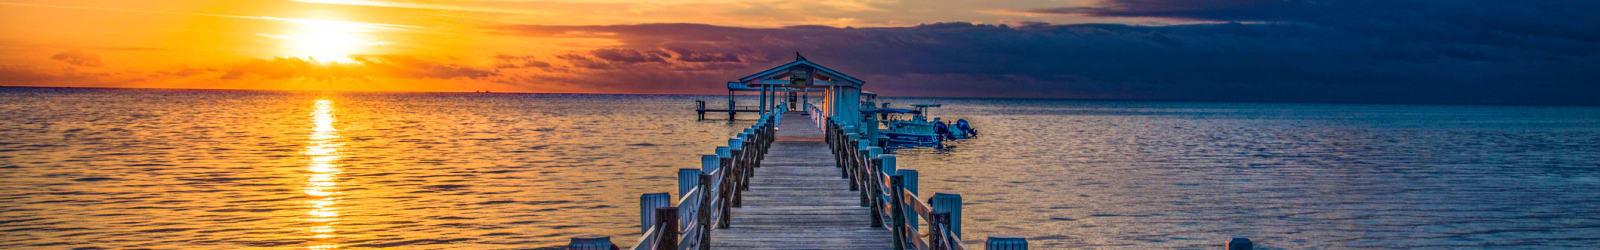 Keys Lake Villas Neighborhood in Key Largo, FL